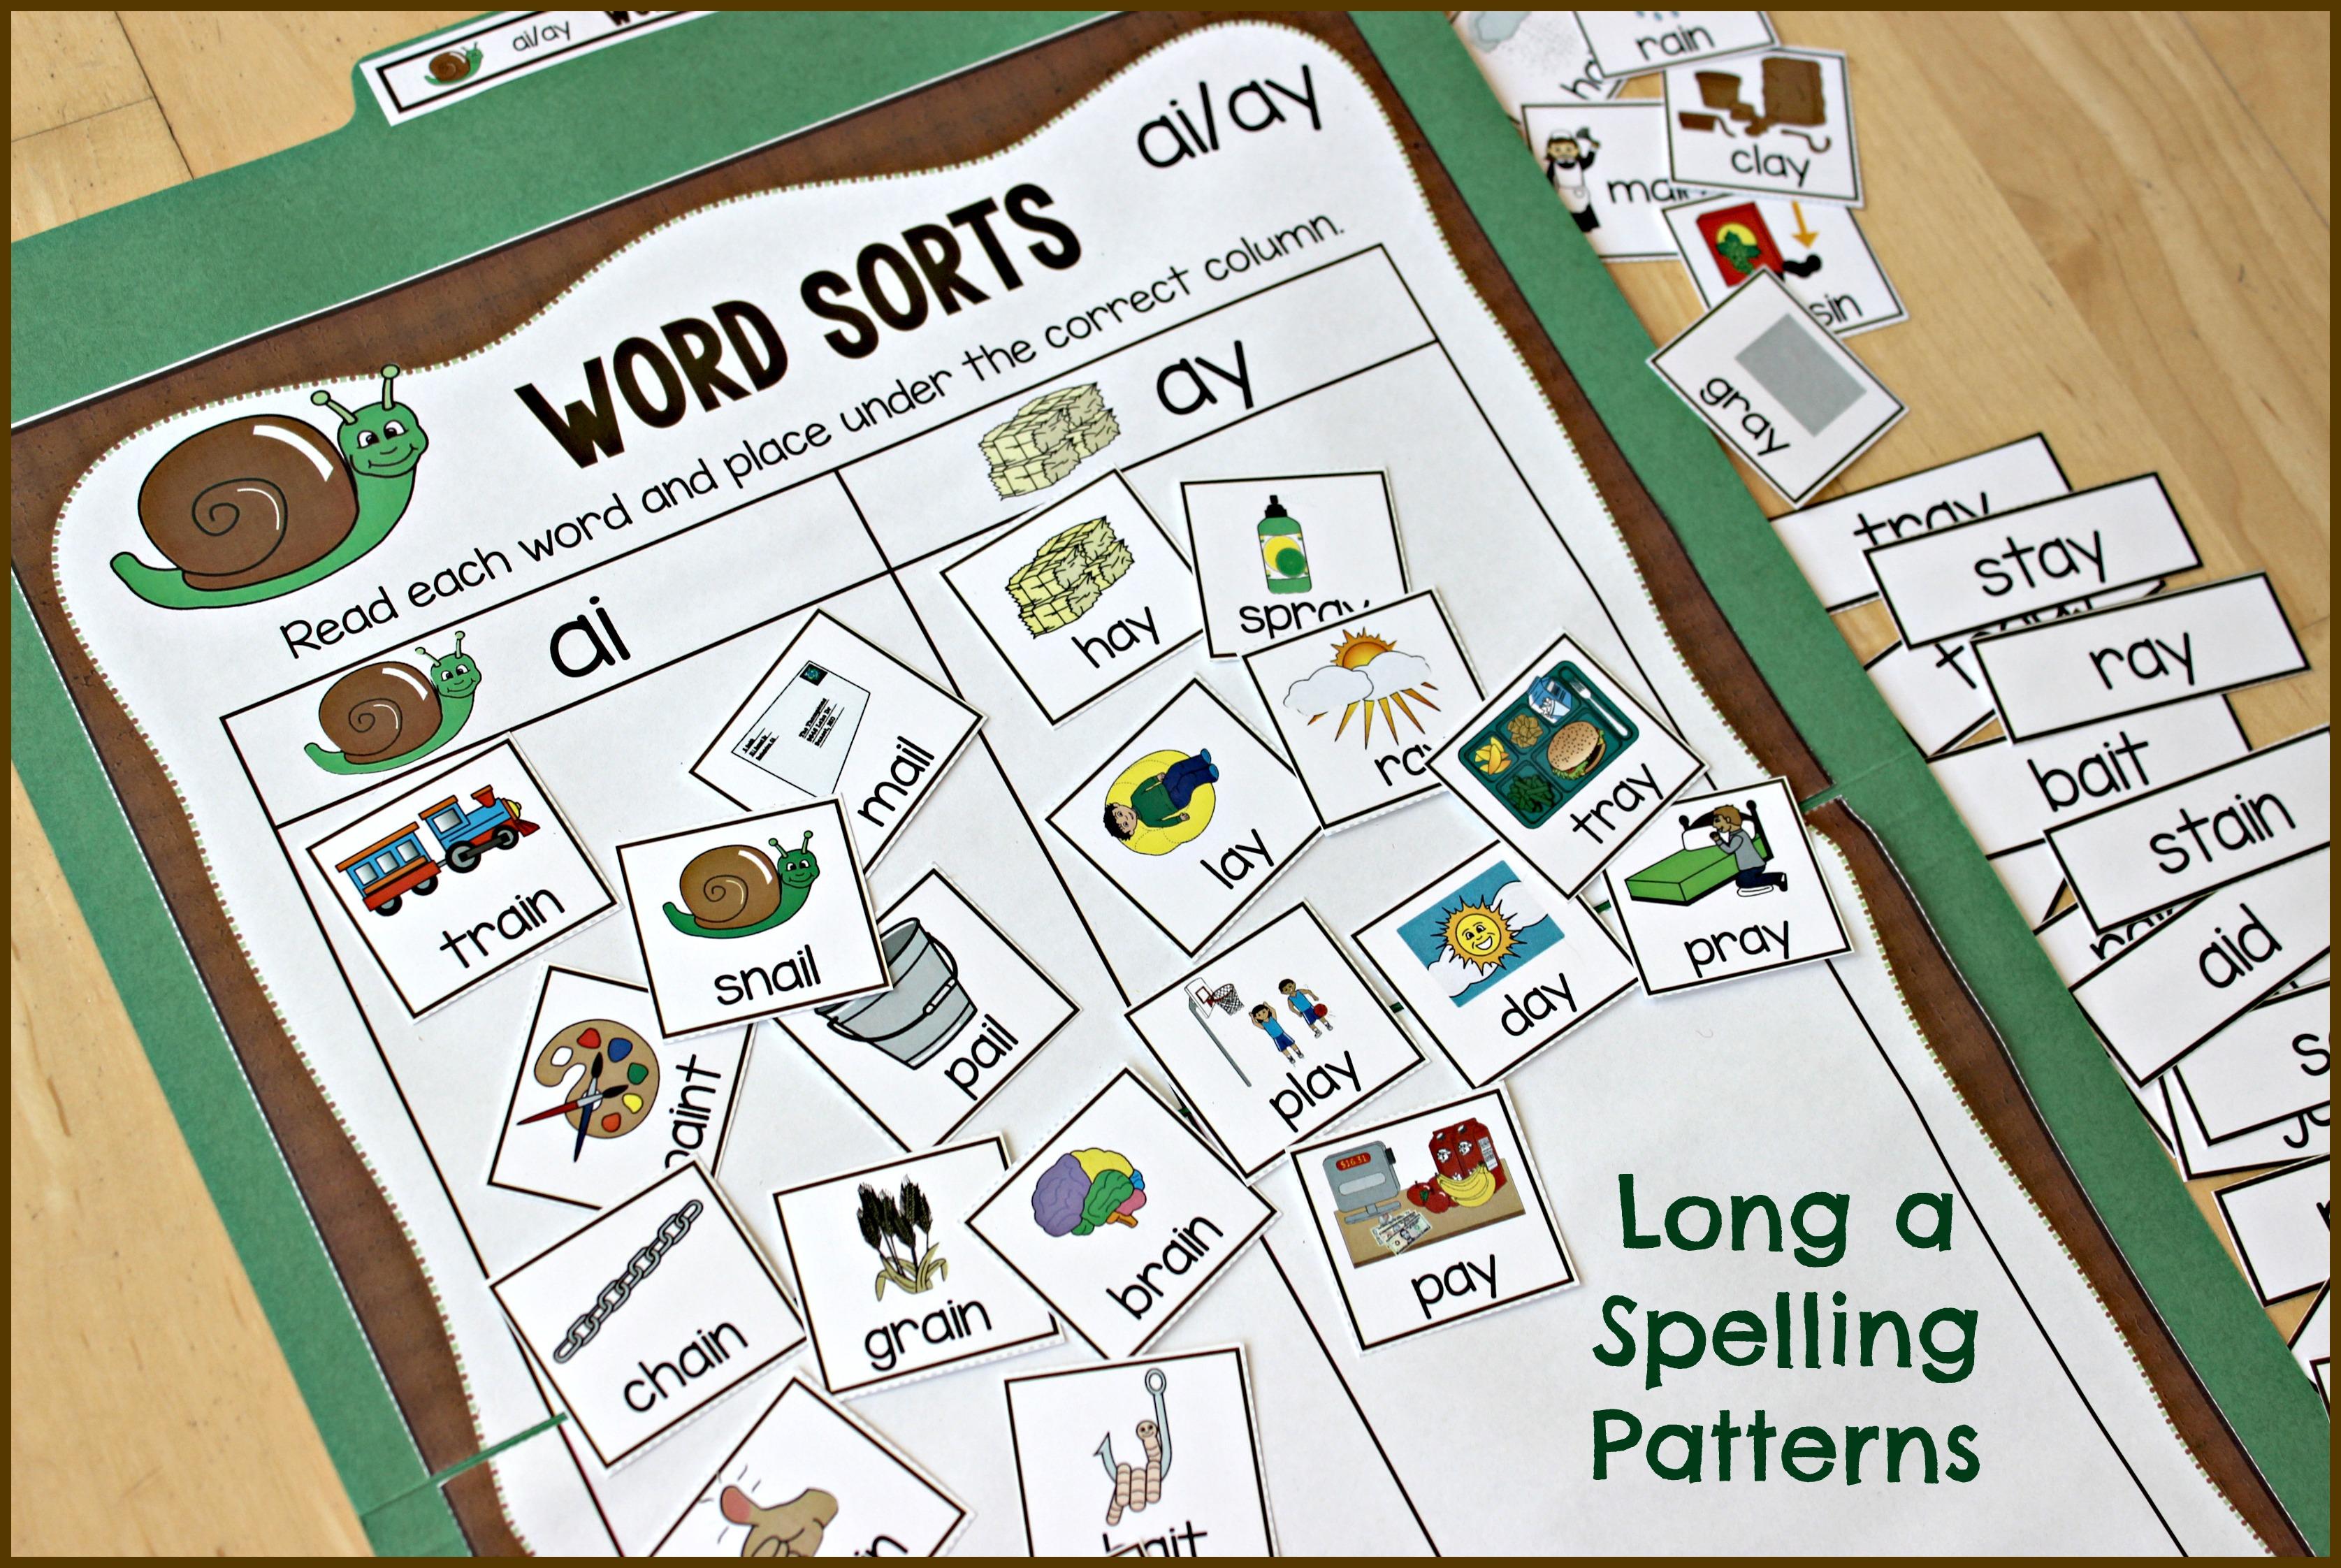 Long Vowel O Spellings Or Long Vowel Teams Covered In This